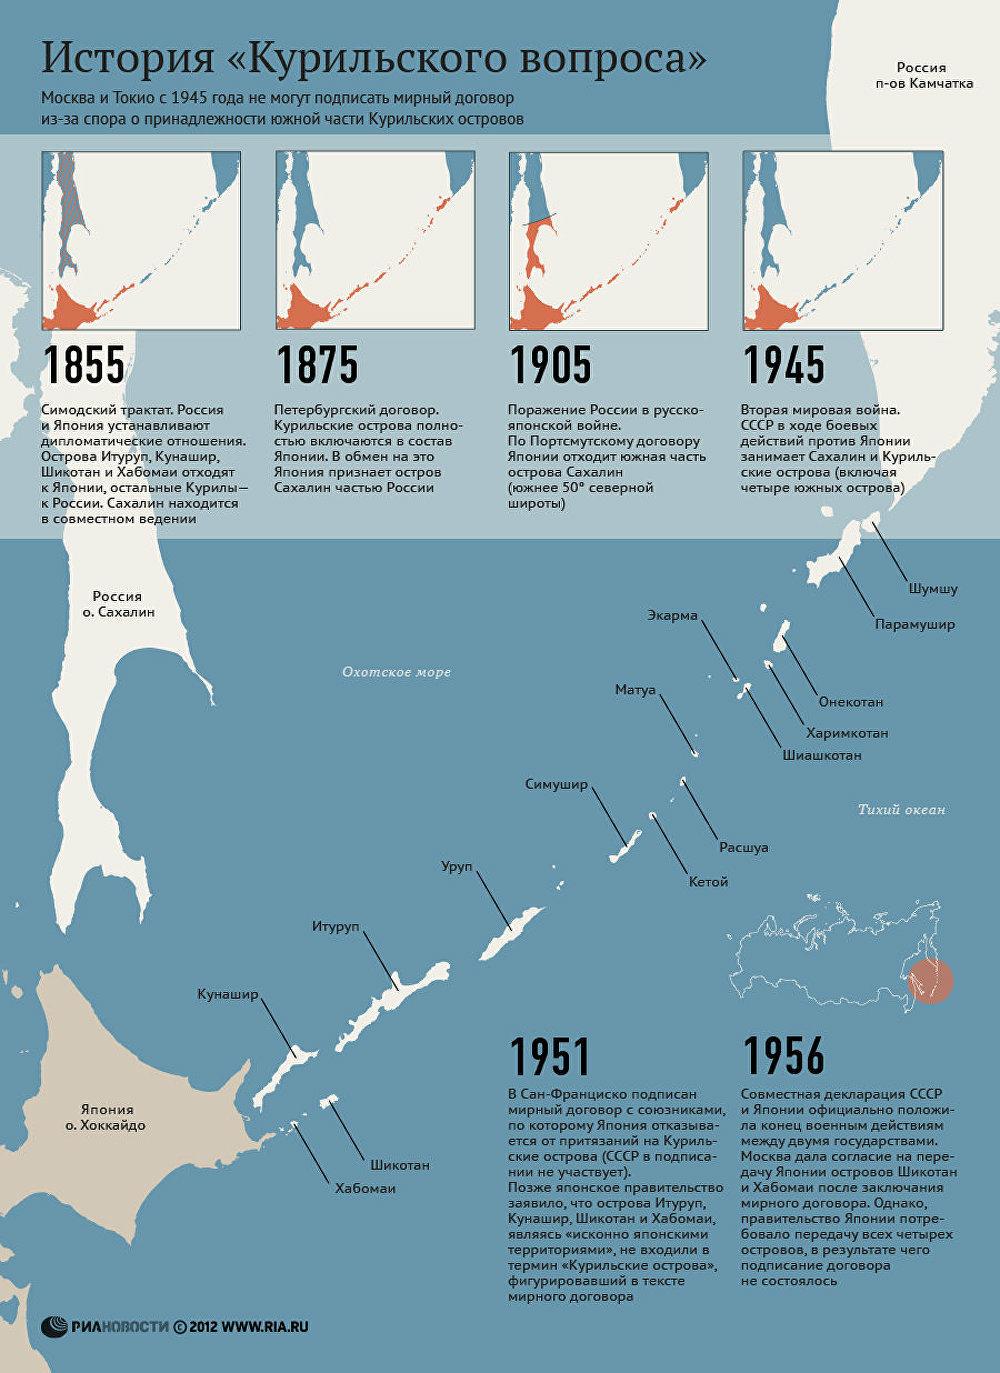 когда курильские острова вошли в состав россии